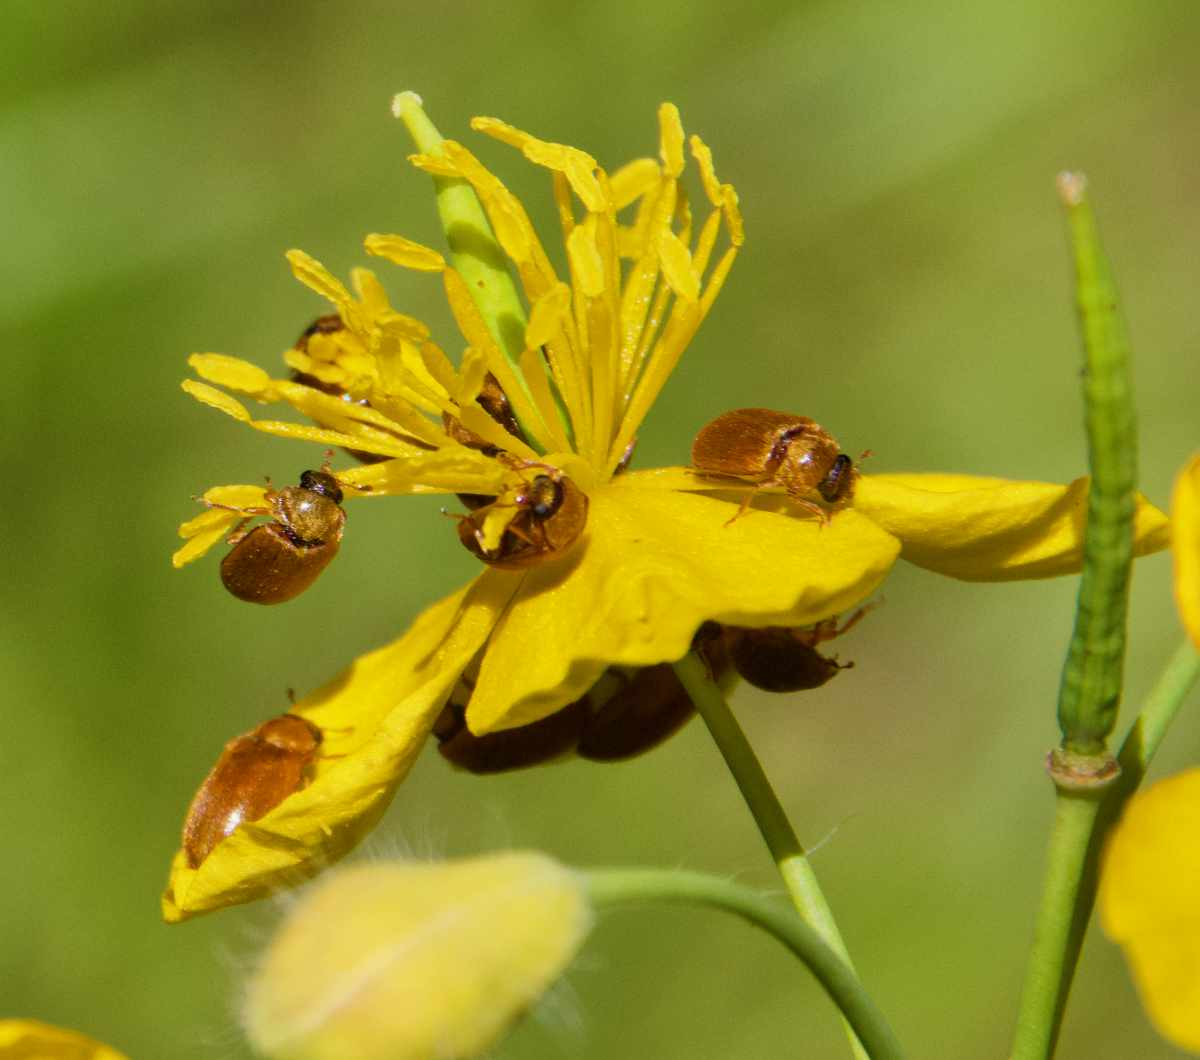 Käfer, Blüte, Natur beobachten